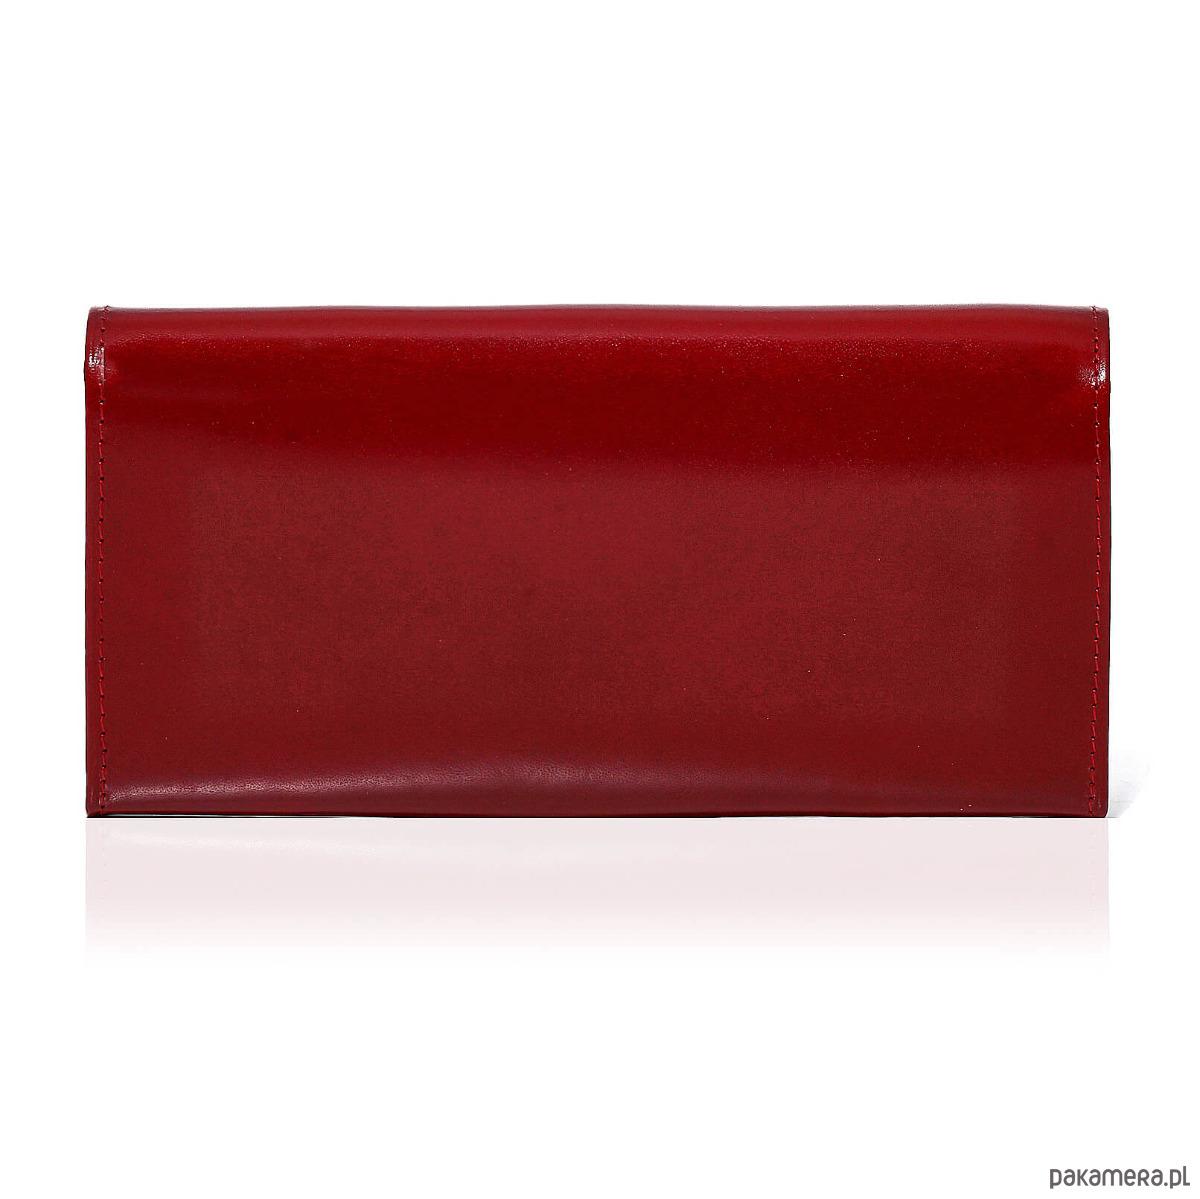 1a8b0d04f021a Czerwony portfel damski skórzany duży Belveder - portfele - damskie ...